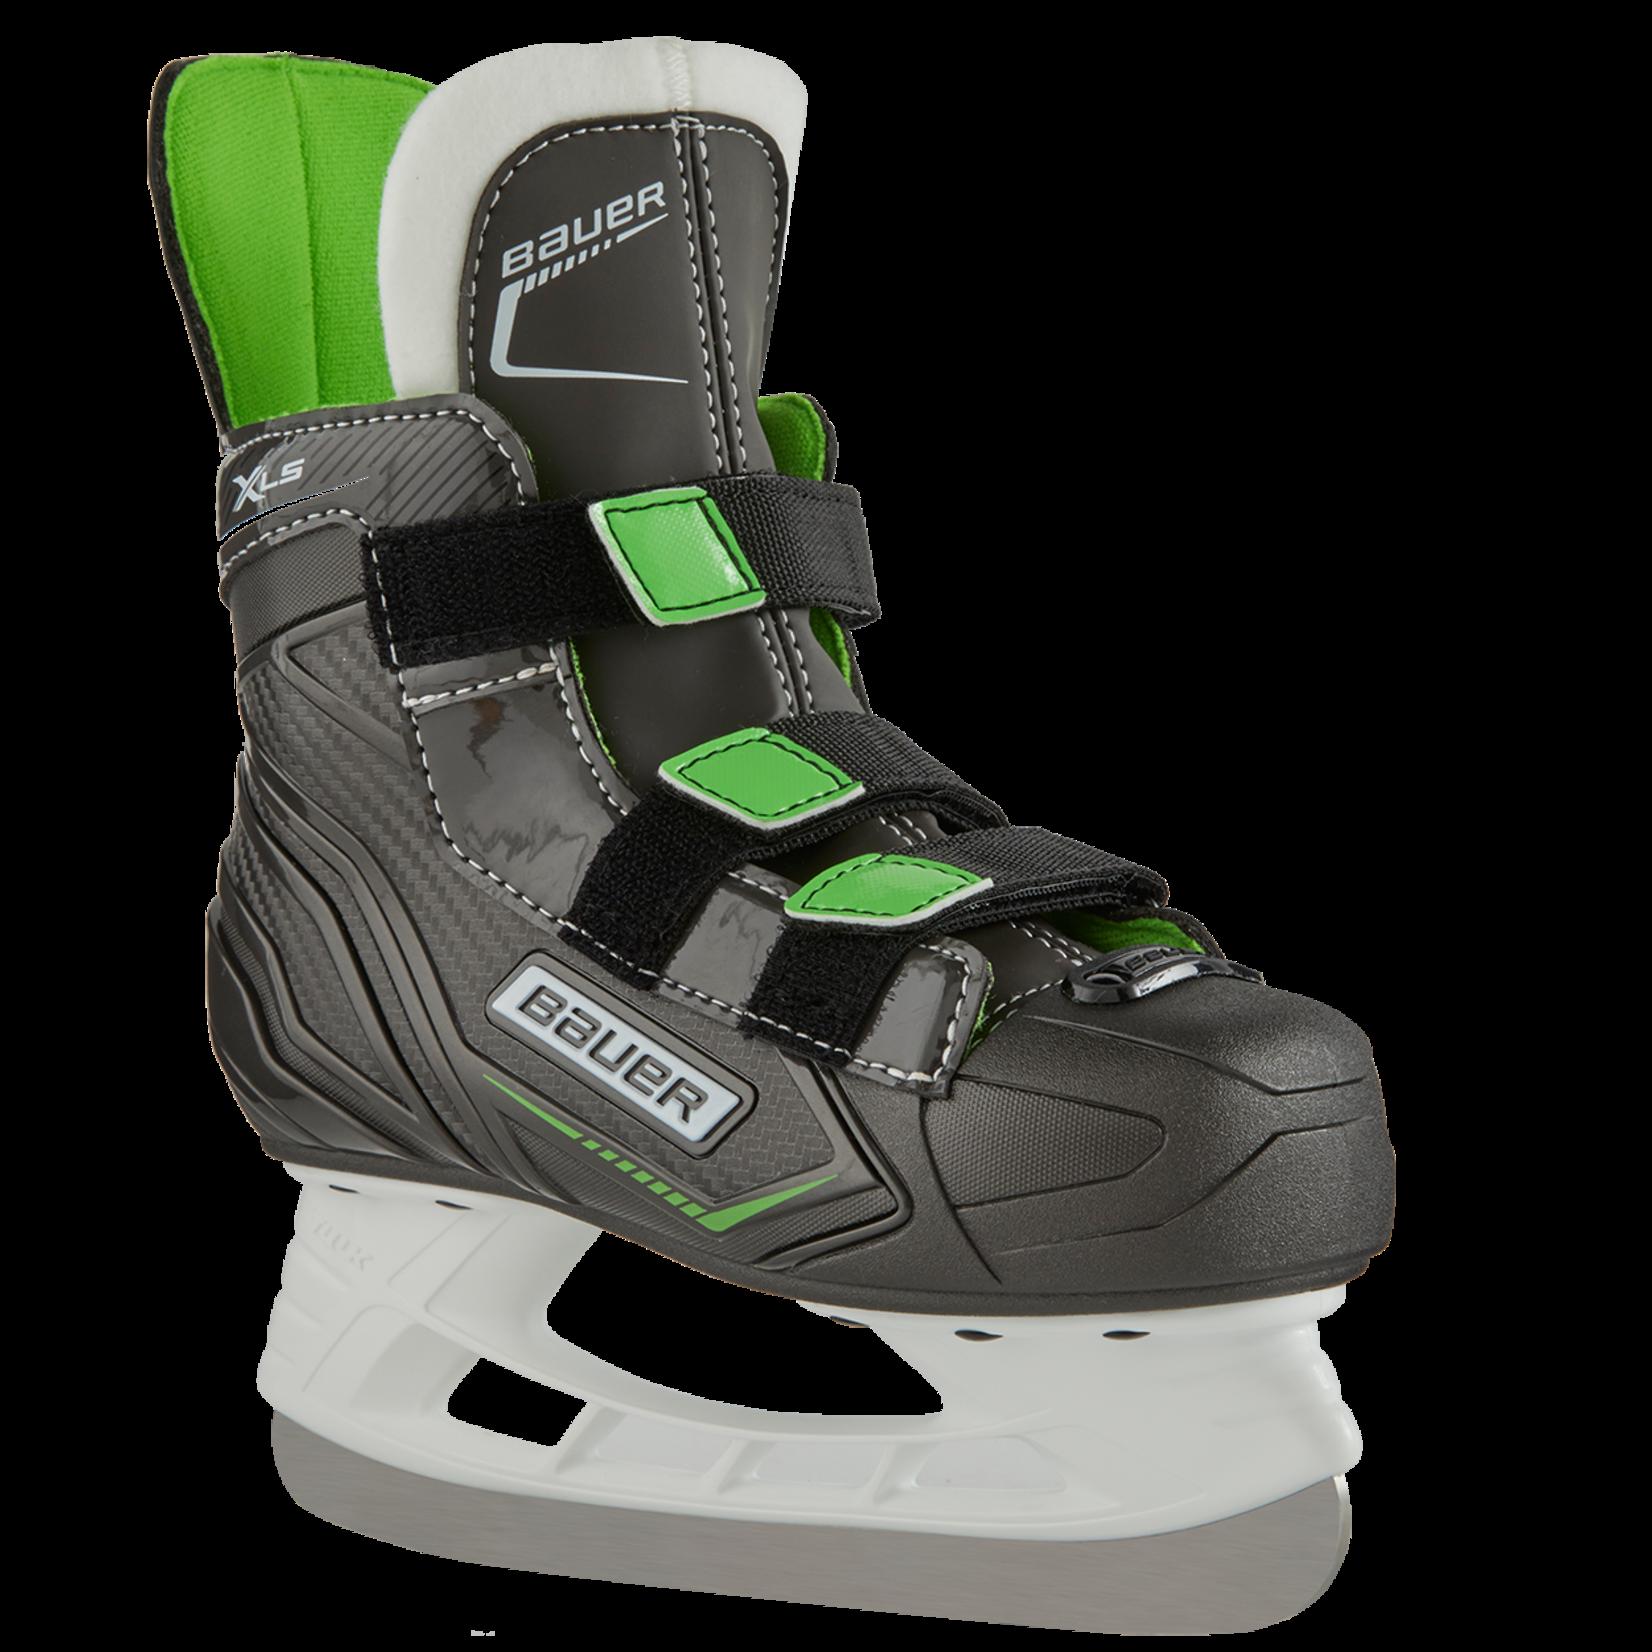 Bauer Bauer Hockey Skates, X-LS, Youth